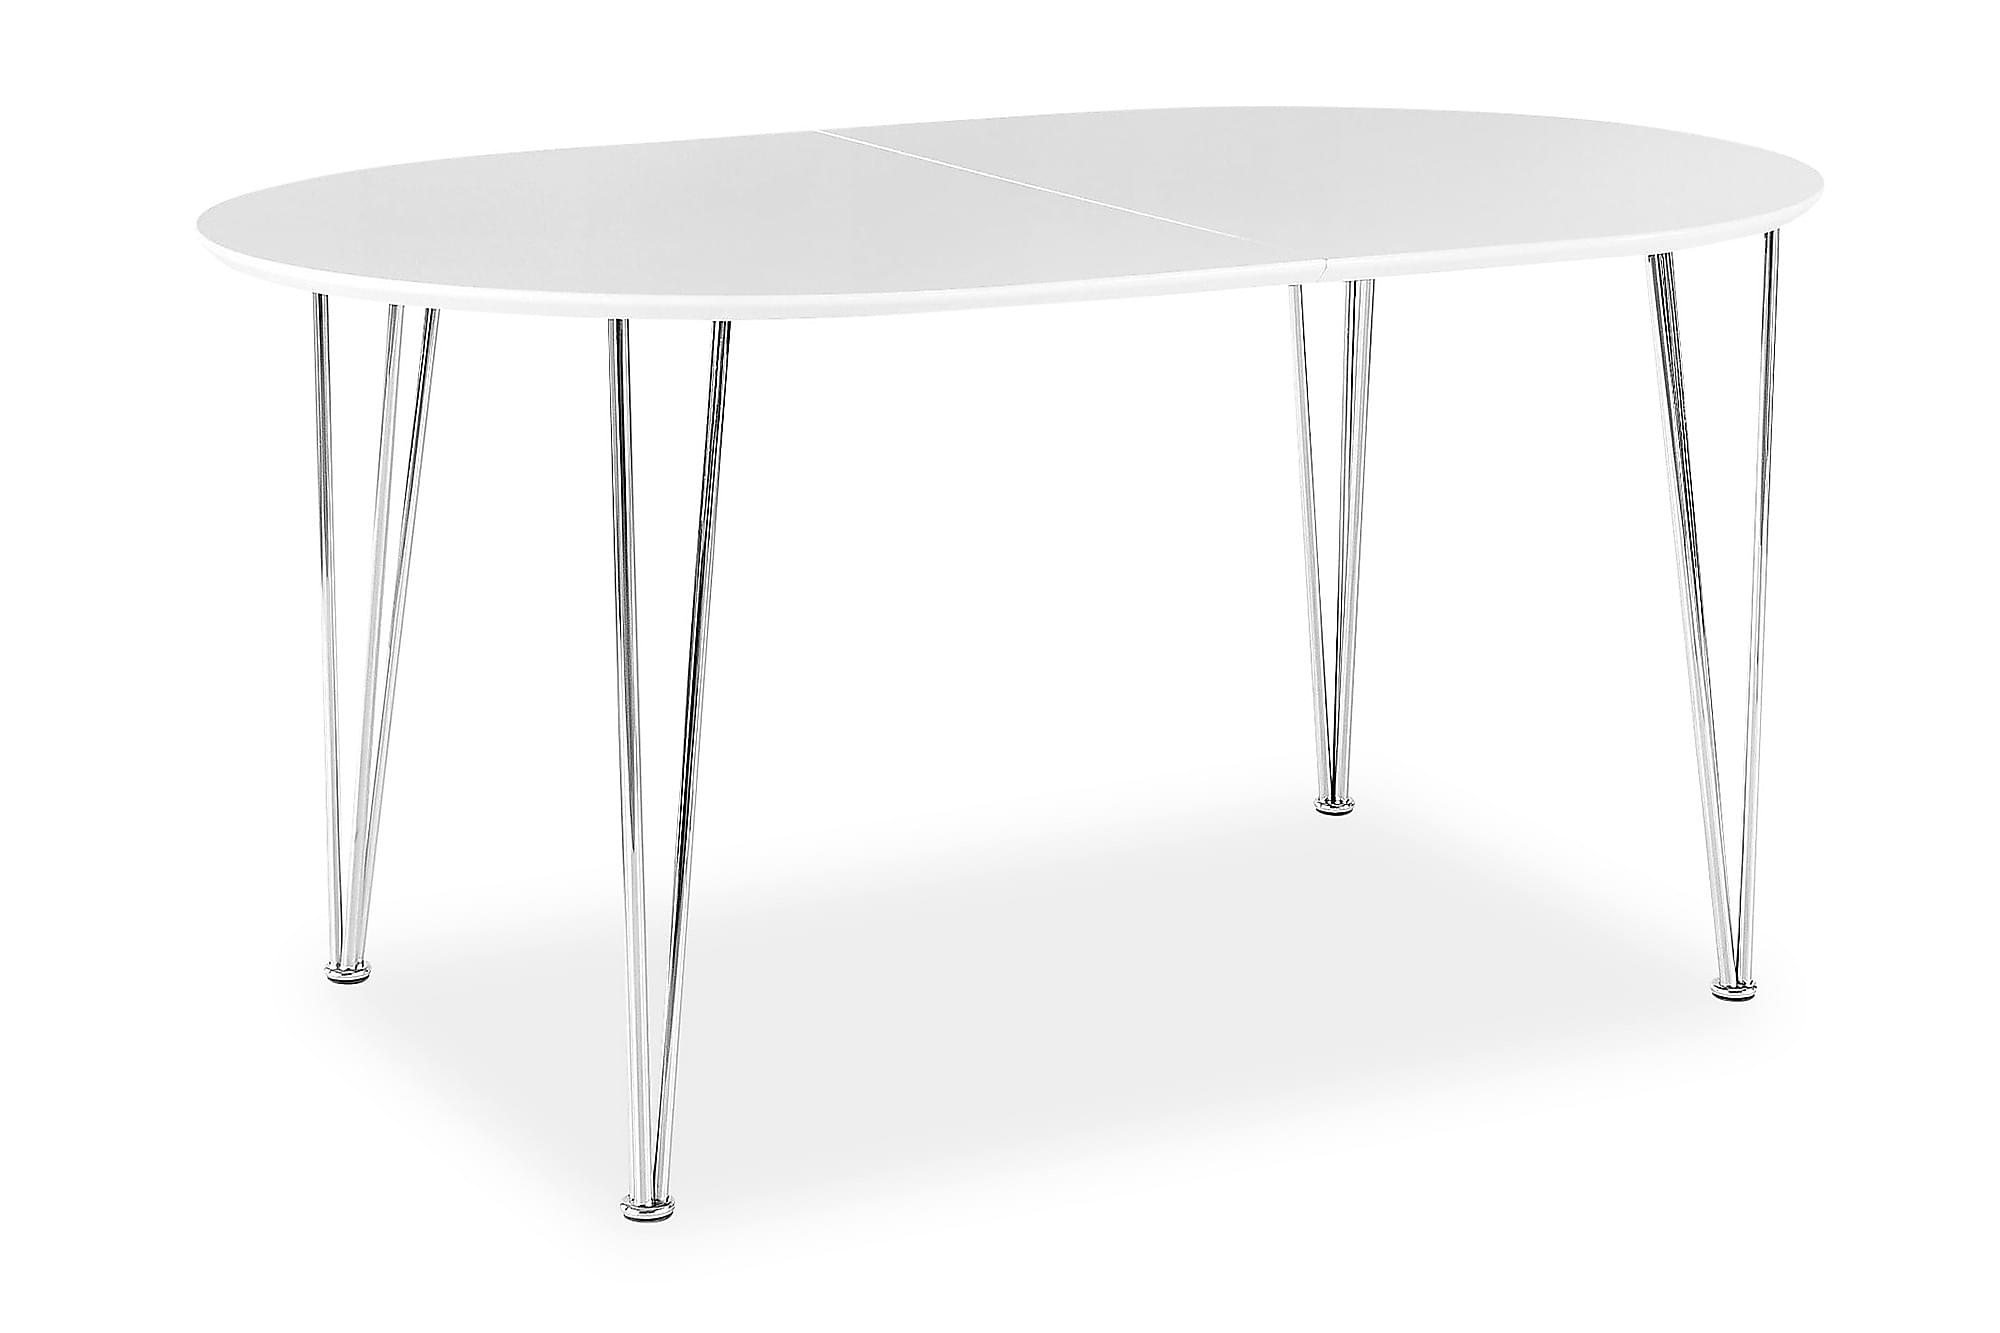 STINA Förlängningsbart Matbord 150 Ovalt Vit/Krom